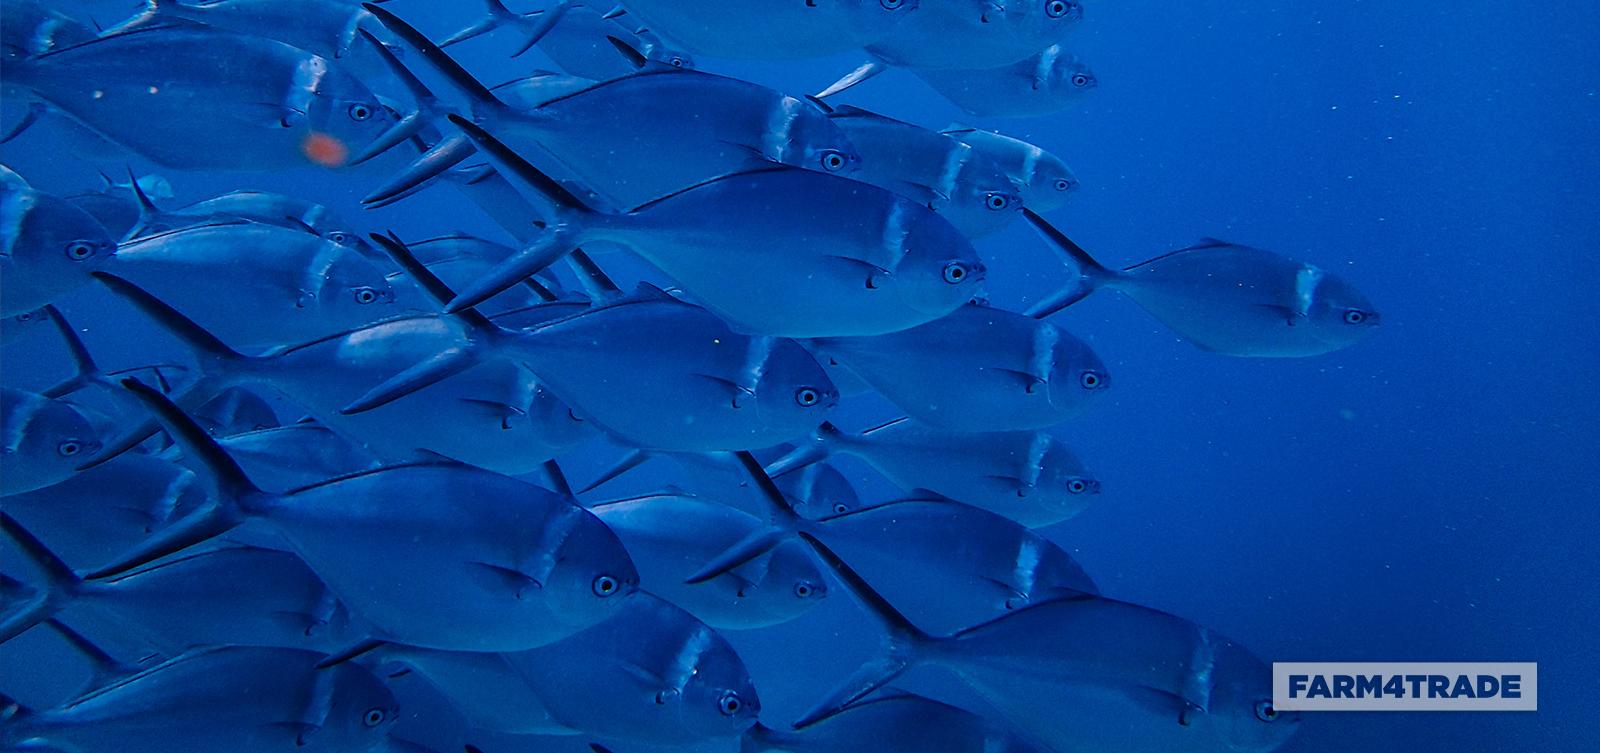 Aquaculture a lucrative venture - Blog Farm4Trade